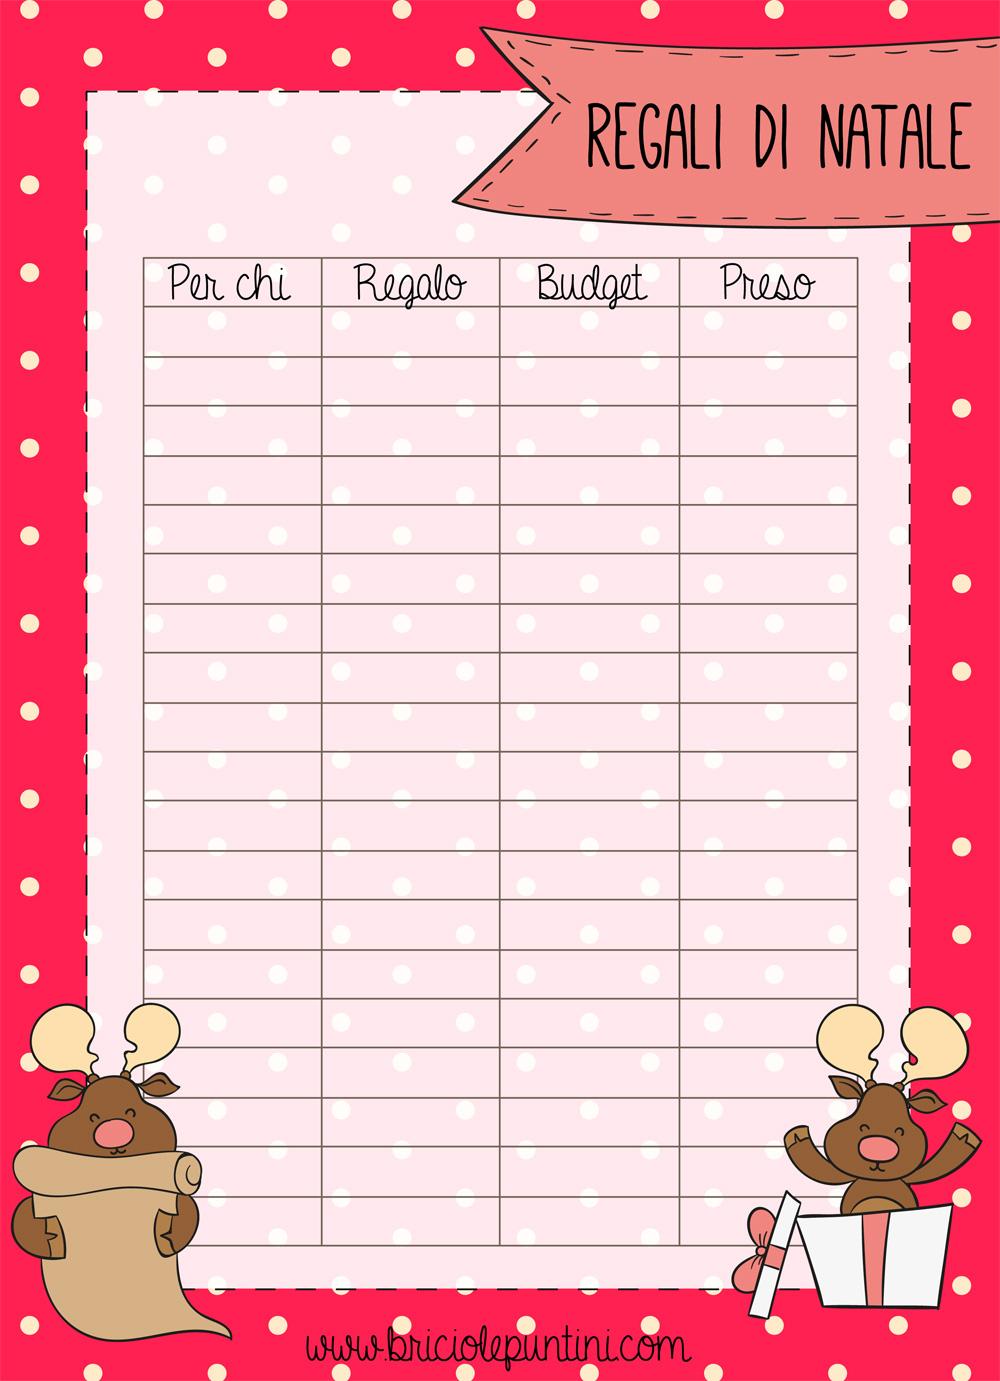 Lista Regali Natale.Annotare Le Idee Regalo La Lista Di Babbo Natale